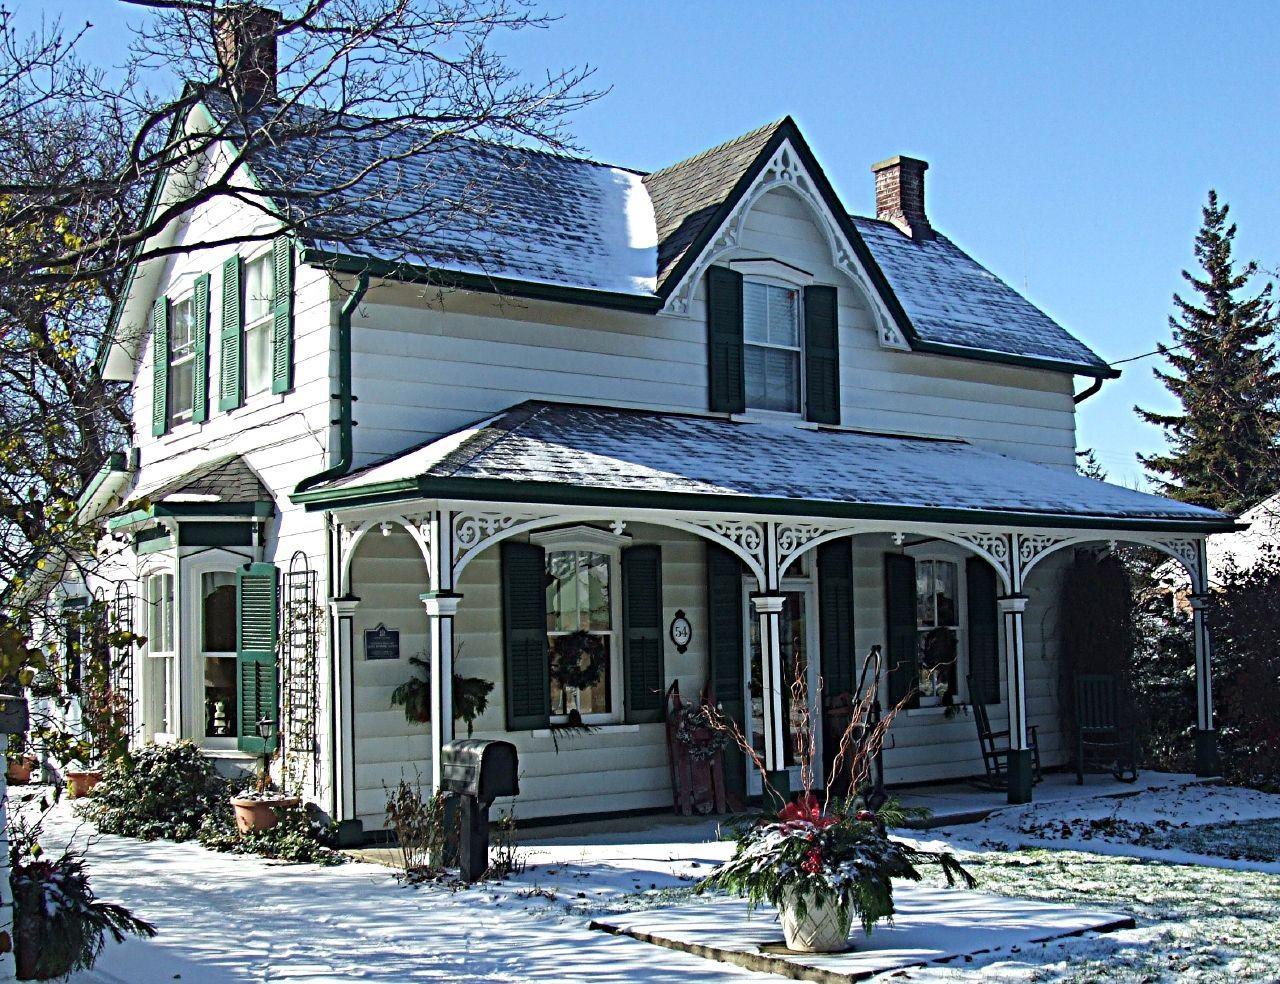 Foto de casa de campo blanca con estilo 1280 - Casas blancas bonitas ...